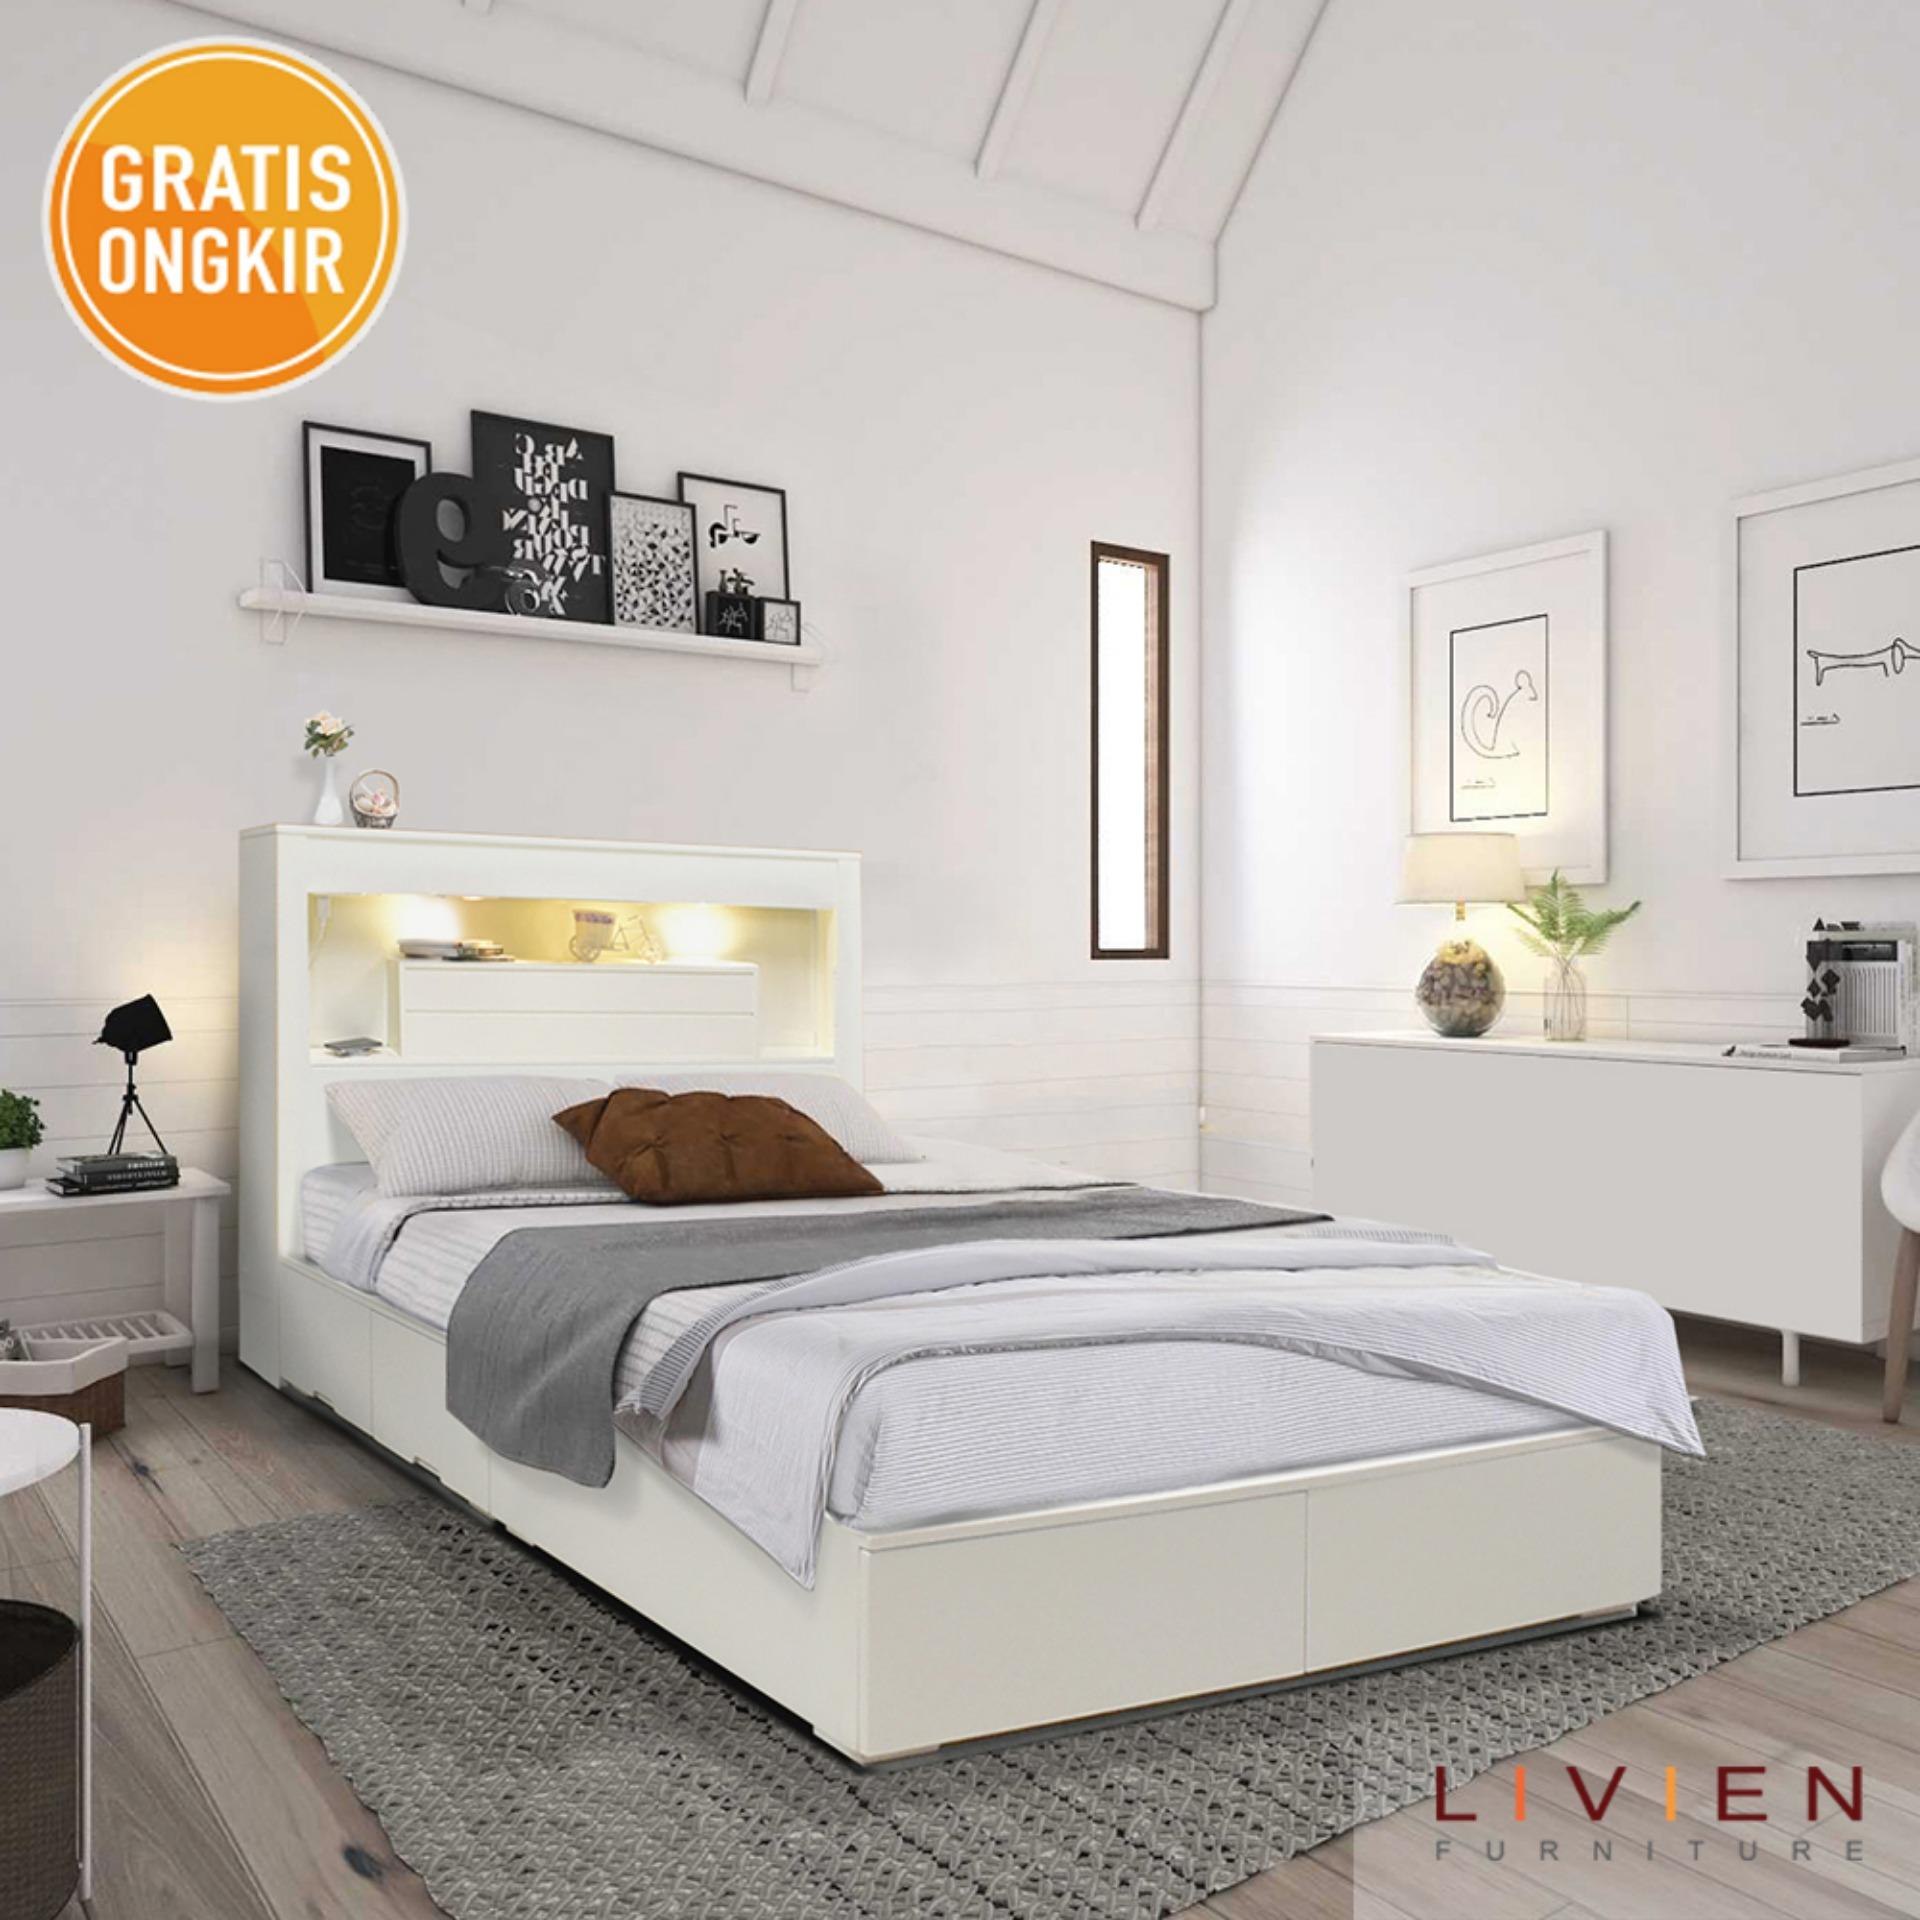 Beli Ranjang Store Marwanto606 Susun Mbb 09 Dengan Kasur Busa Livien Tempat Tidur Bed Azzora French Series Queen